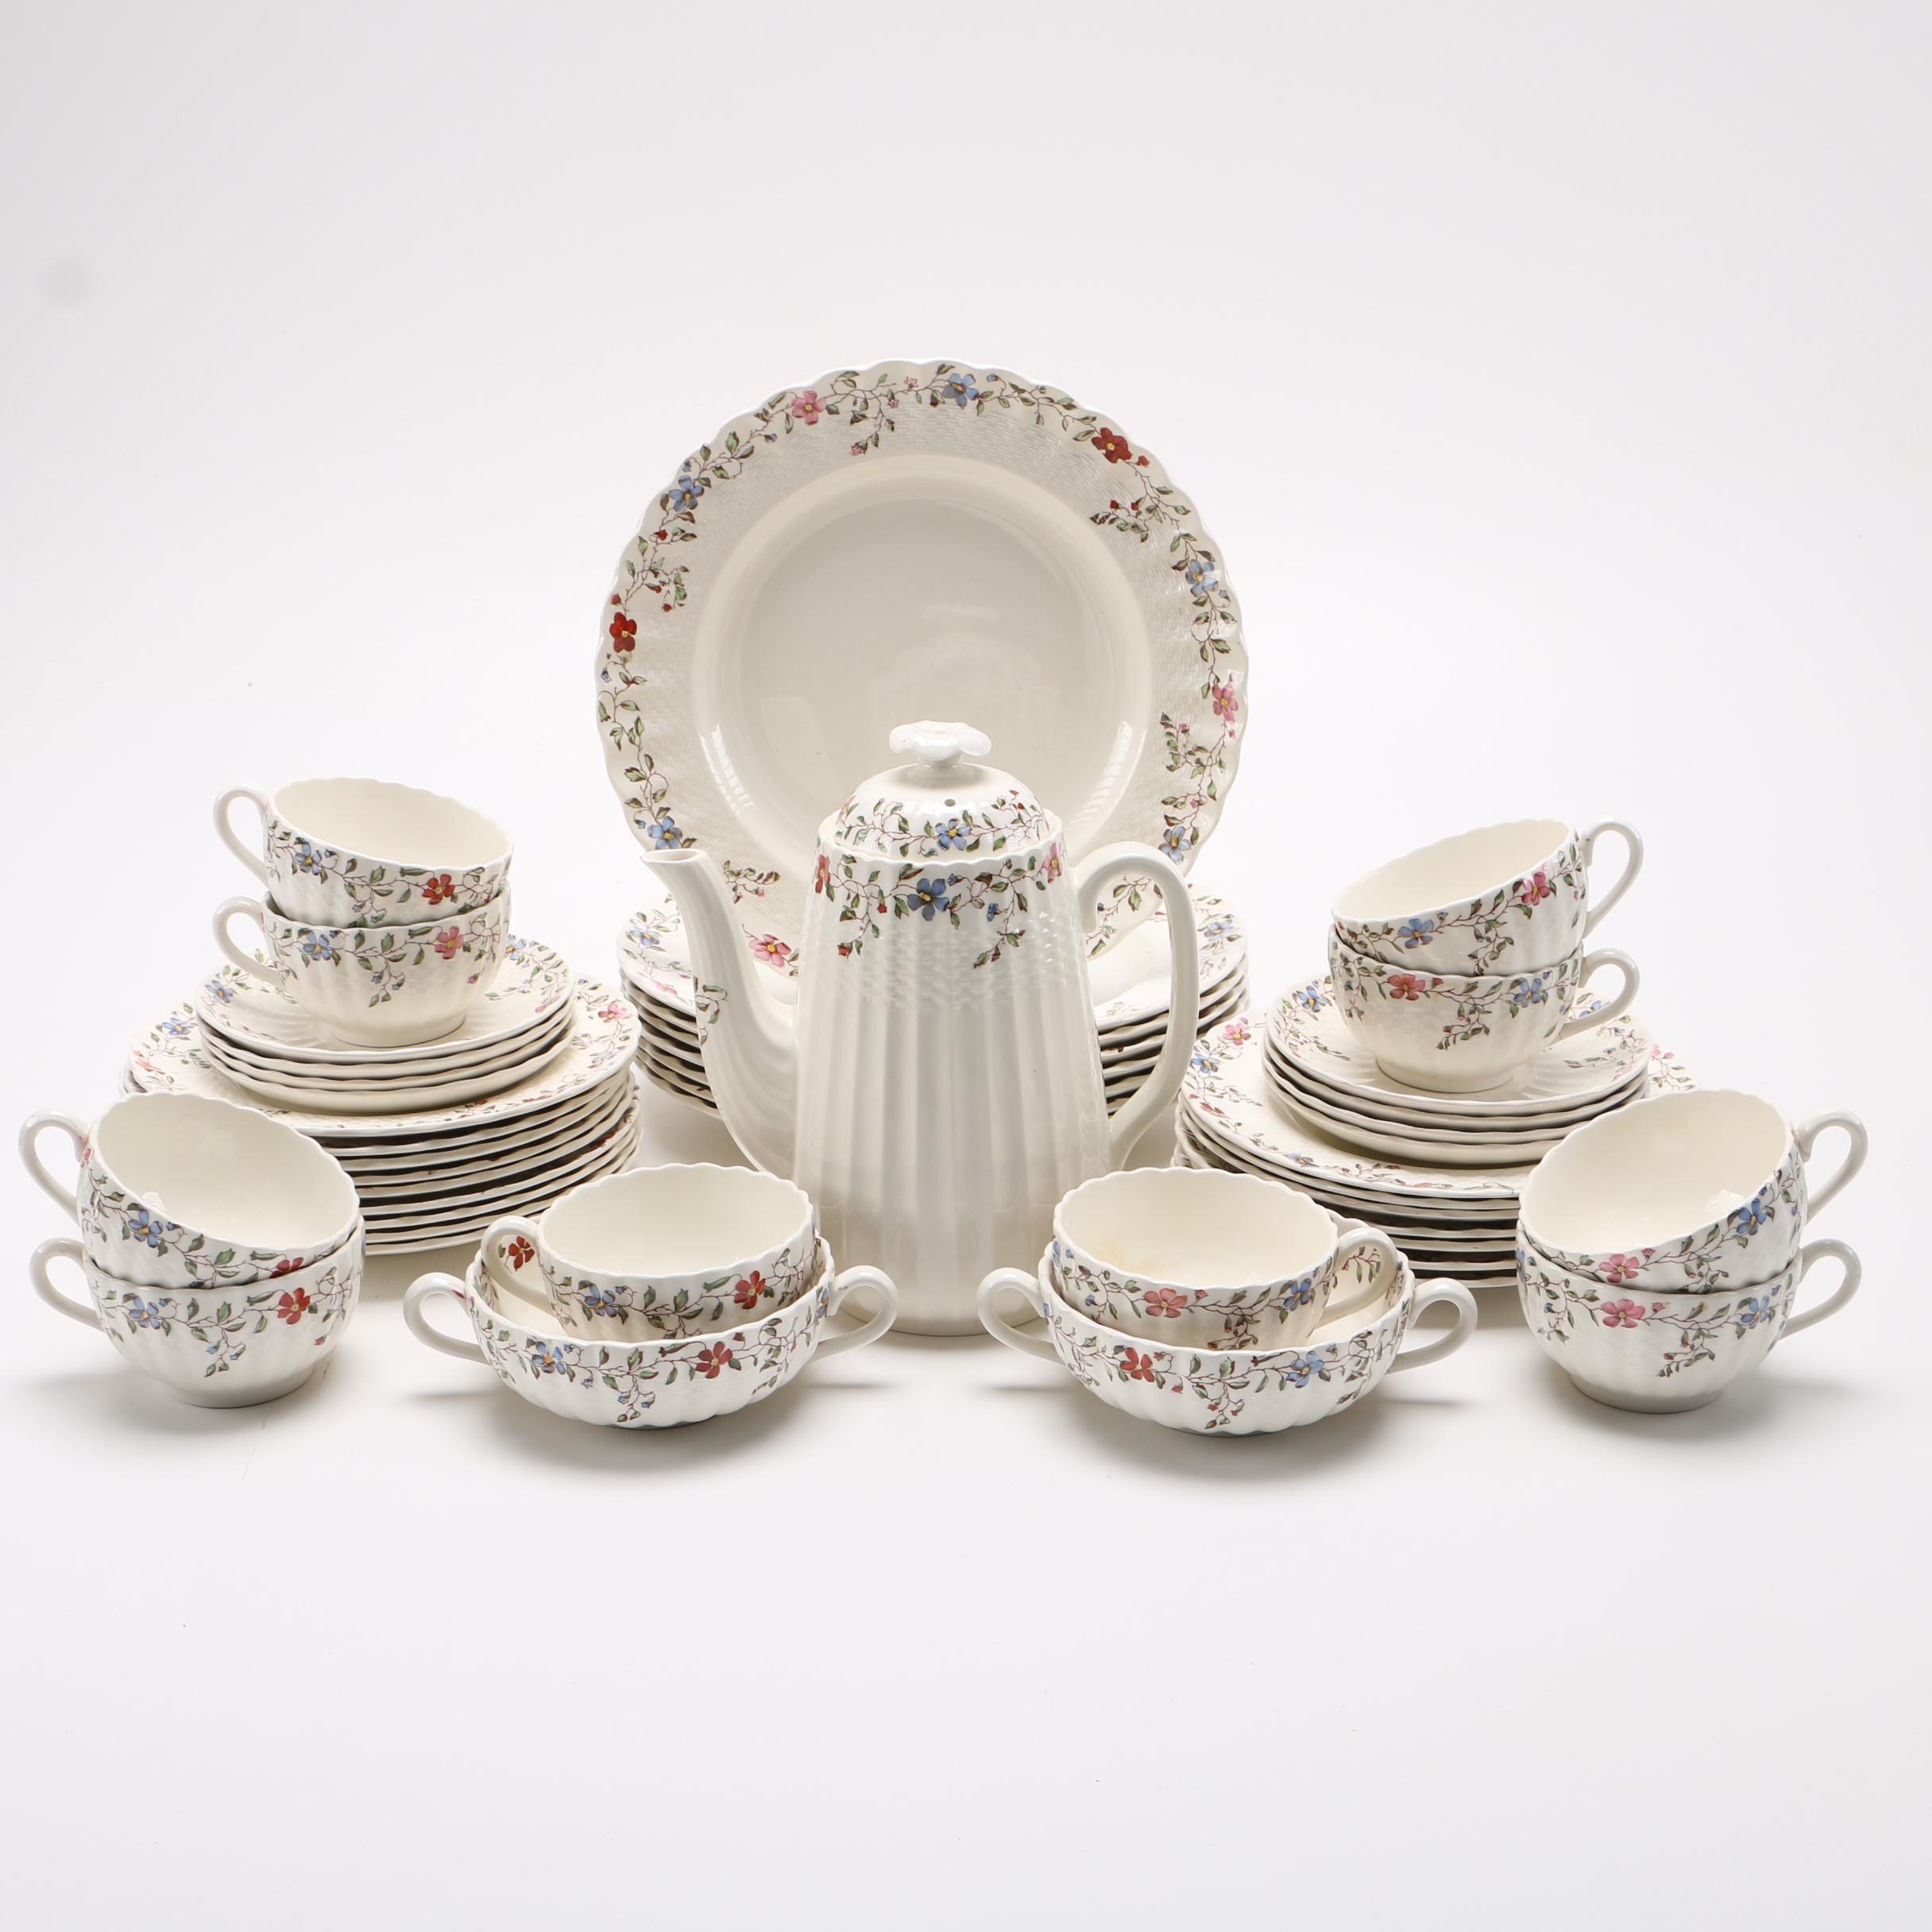 Spode White Ceramic Dinnerware Set